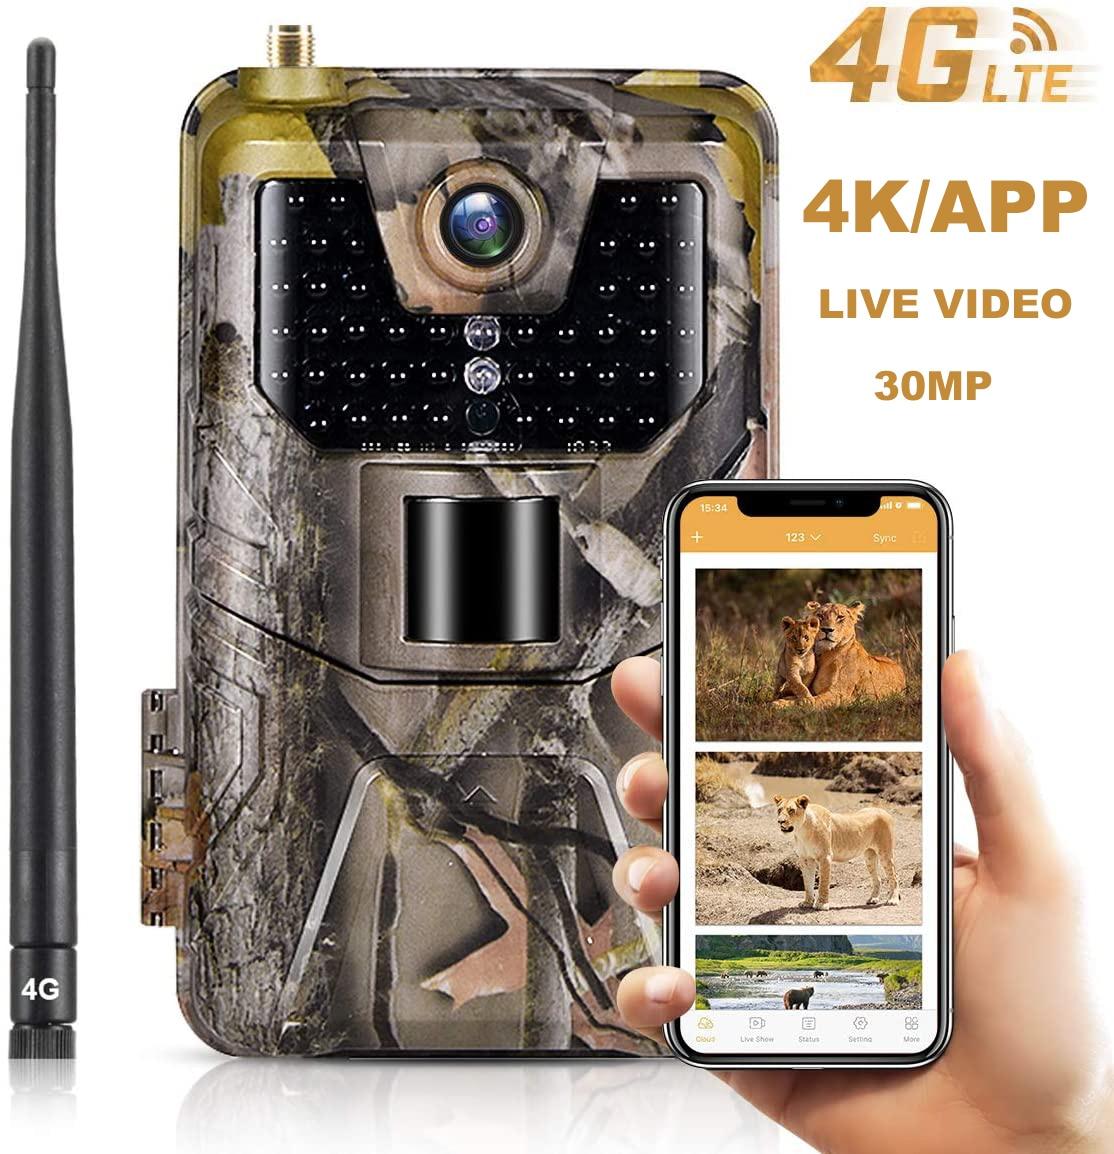 4K видео в режиме реального времени приложение Trail Камера облако Услуги 4G 30MP Охота Камера s Сотовая связь мобильный Беспроводной дикой природ...